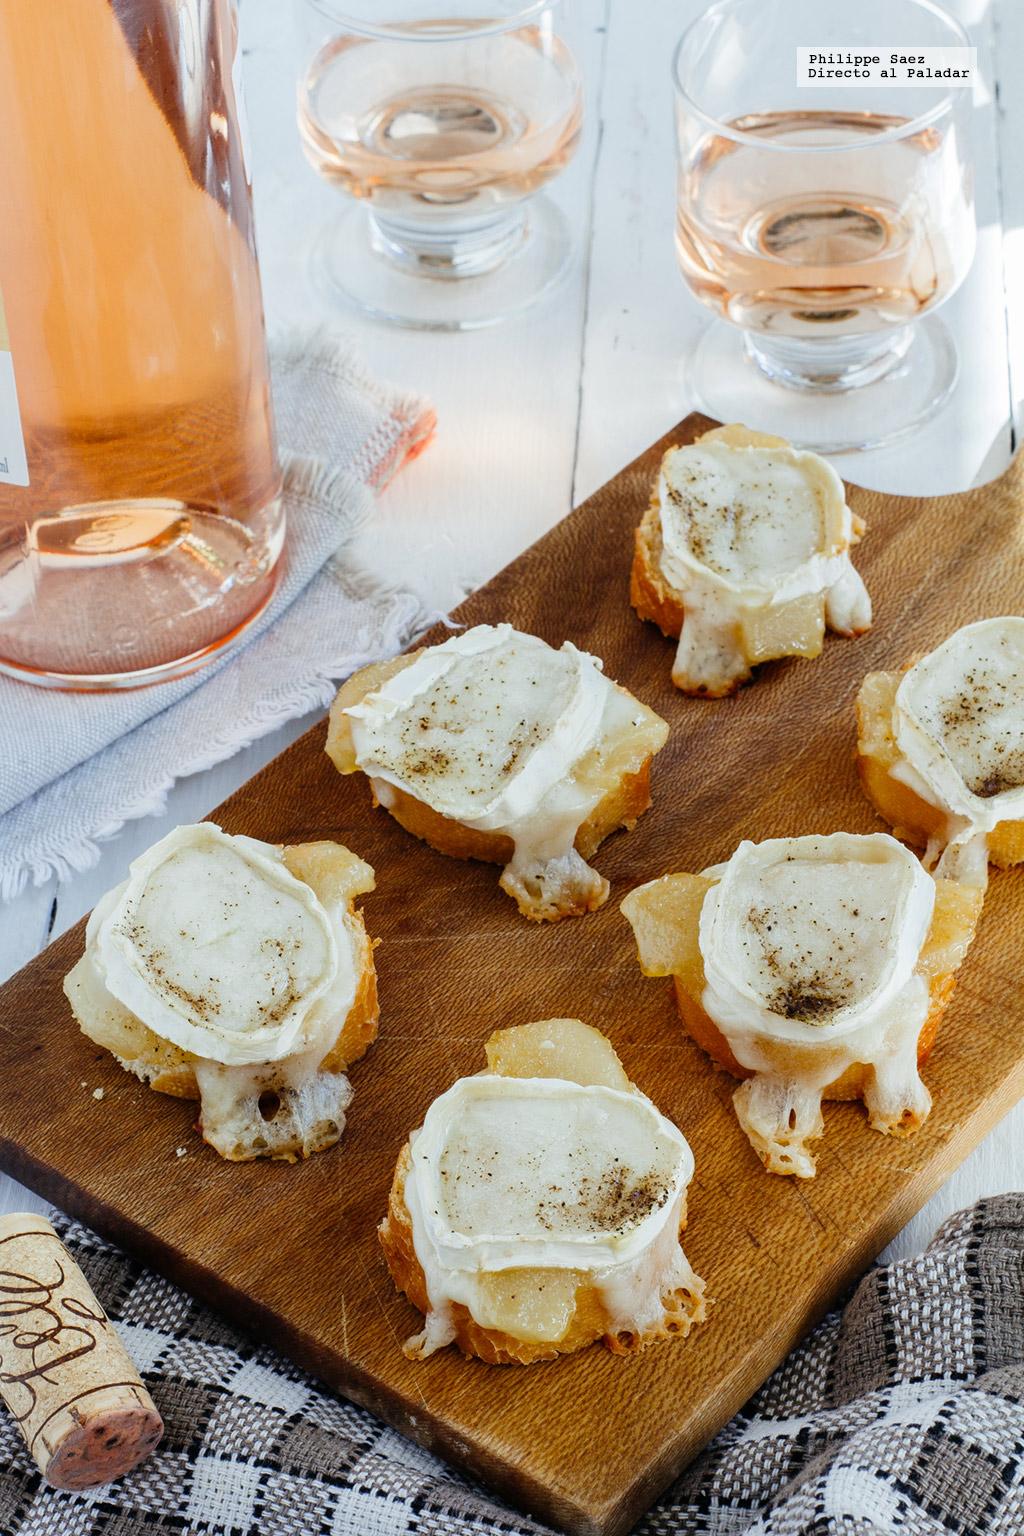 Canap s de peras caramelizadas y queso de cabra receta de - Queso de cabra y colesterol ...